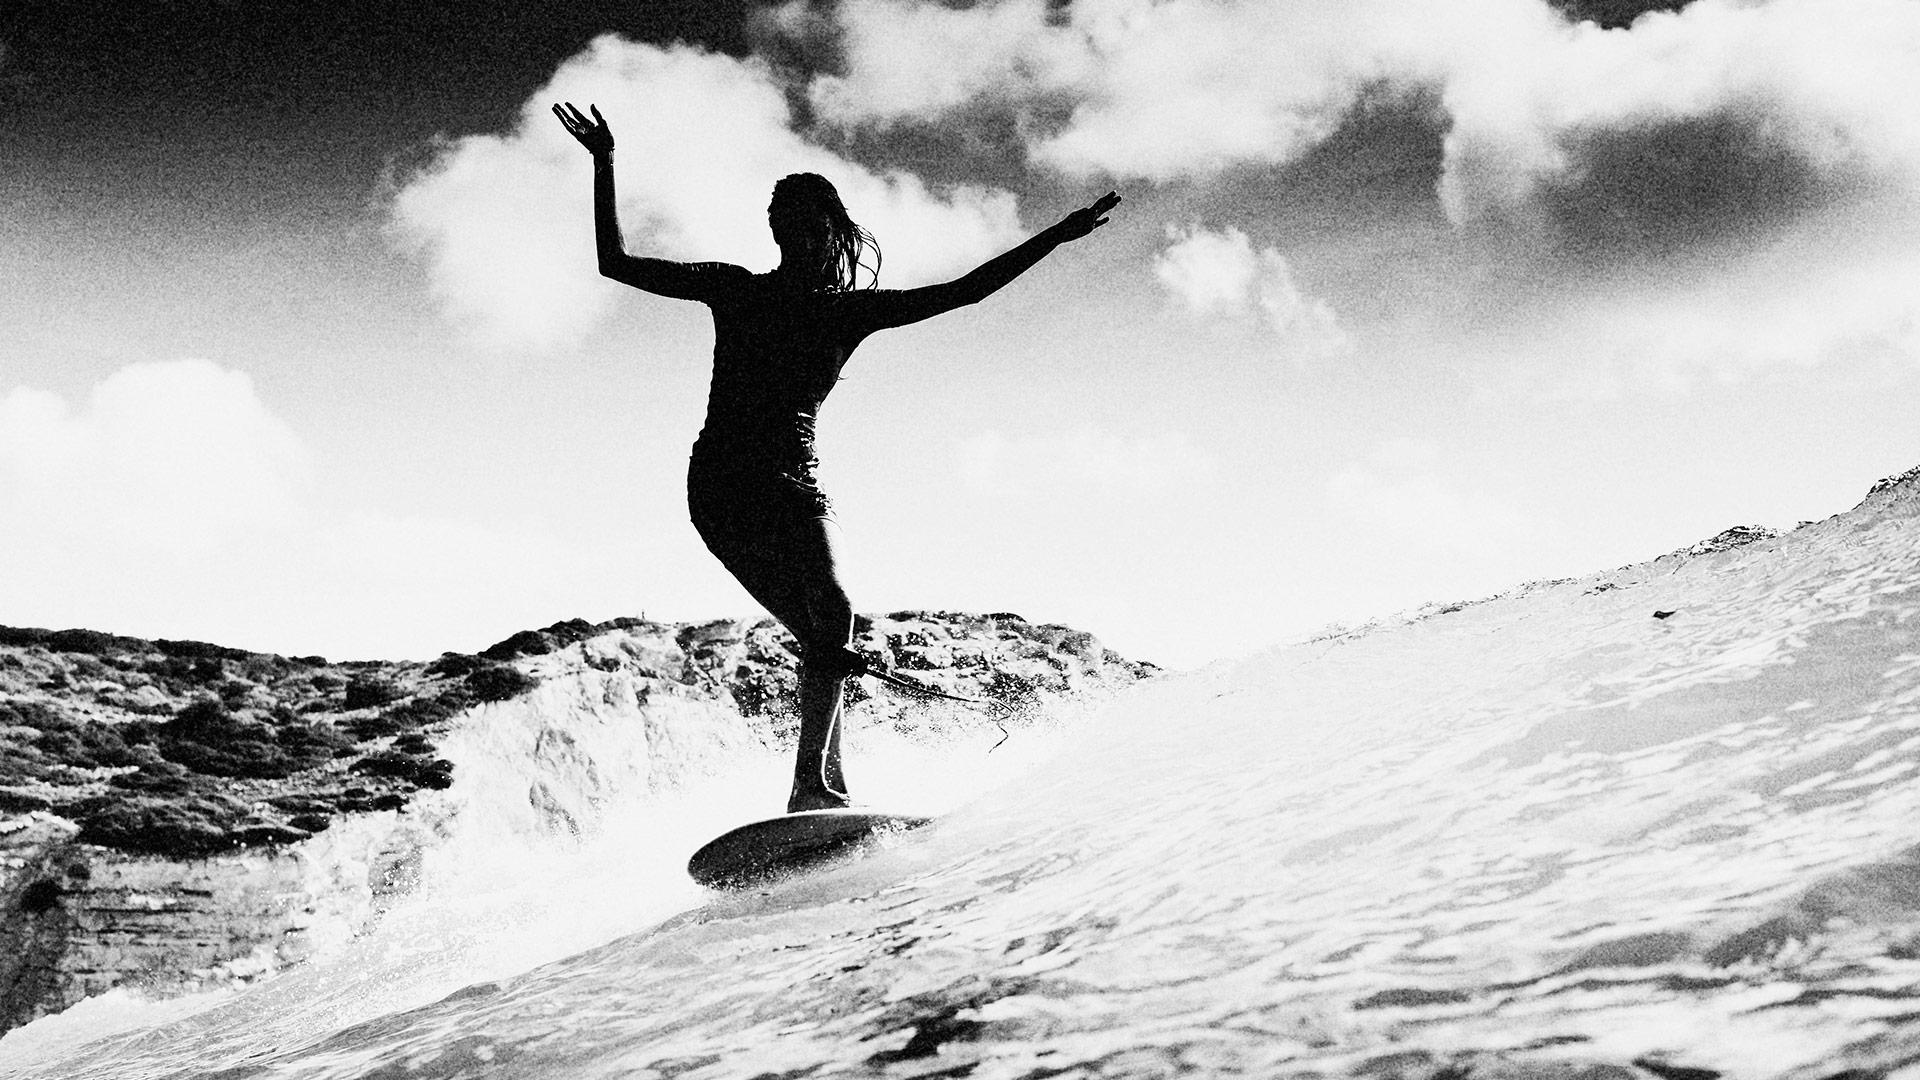 Aus dem Waser zu fotografieren ist eine große Herausforderung neue Leidenschaft des Portugal-Österreichers © Alex Papis